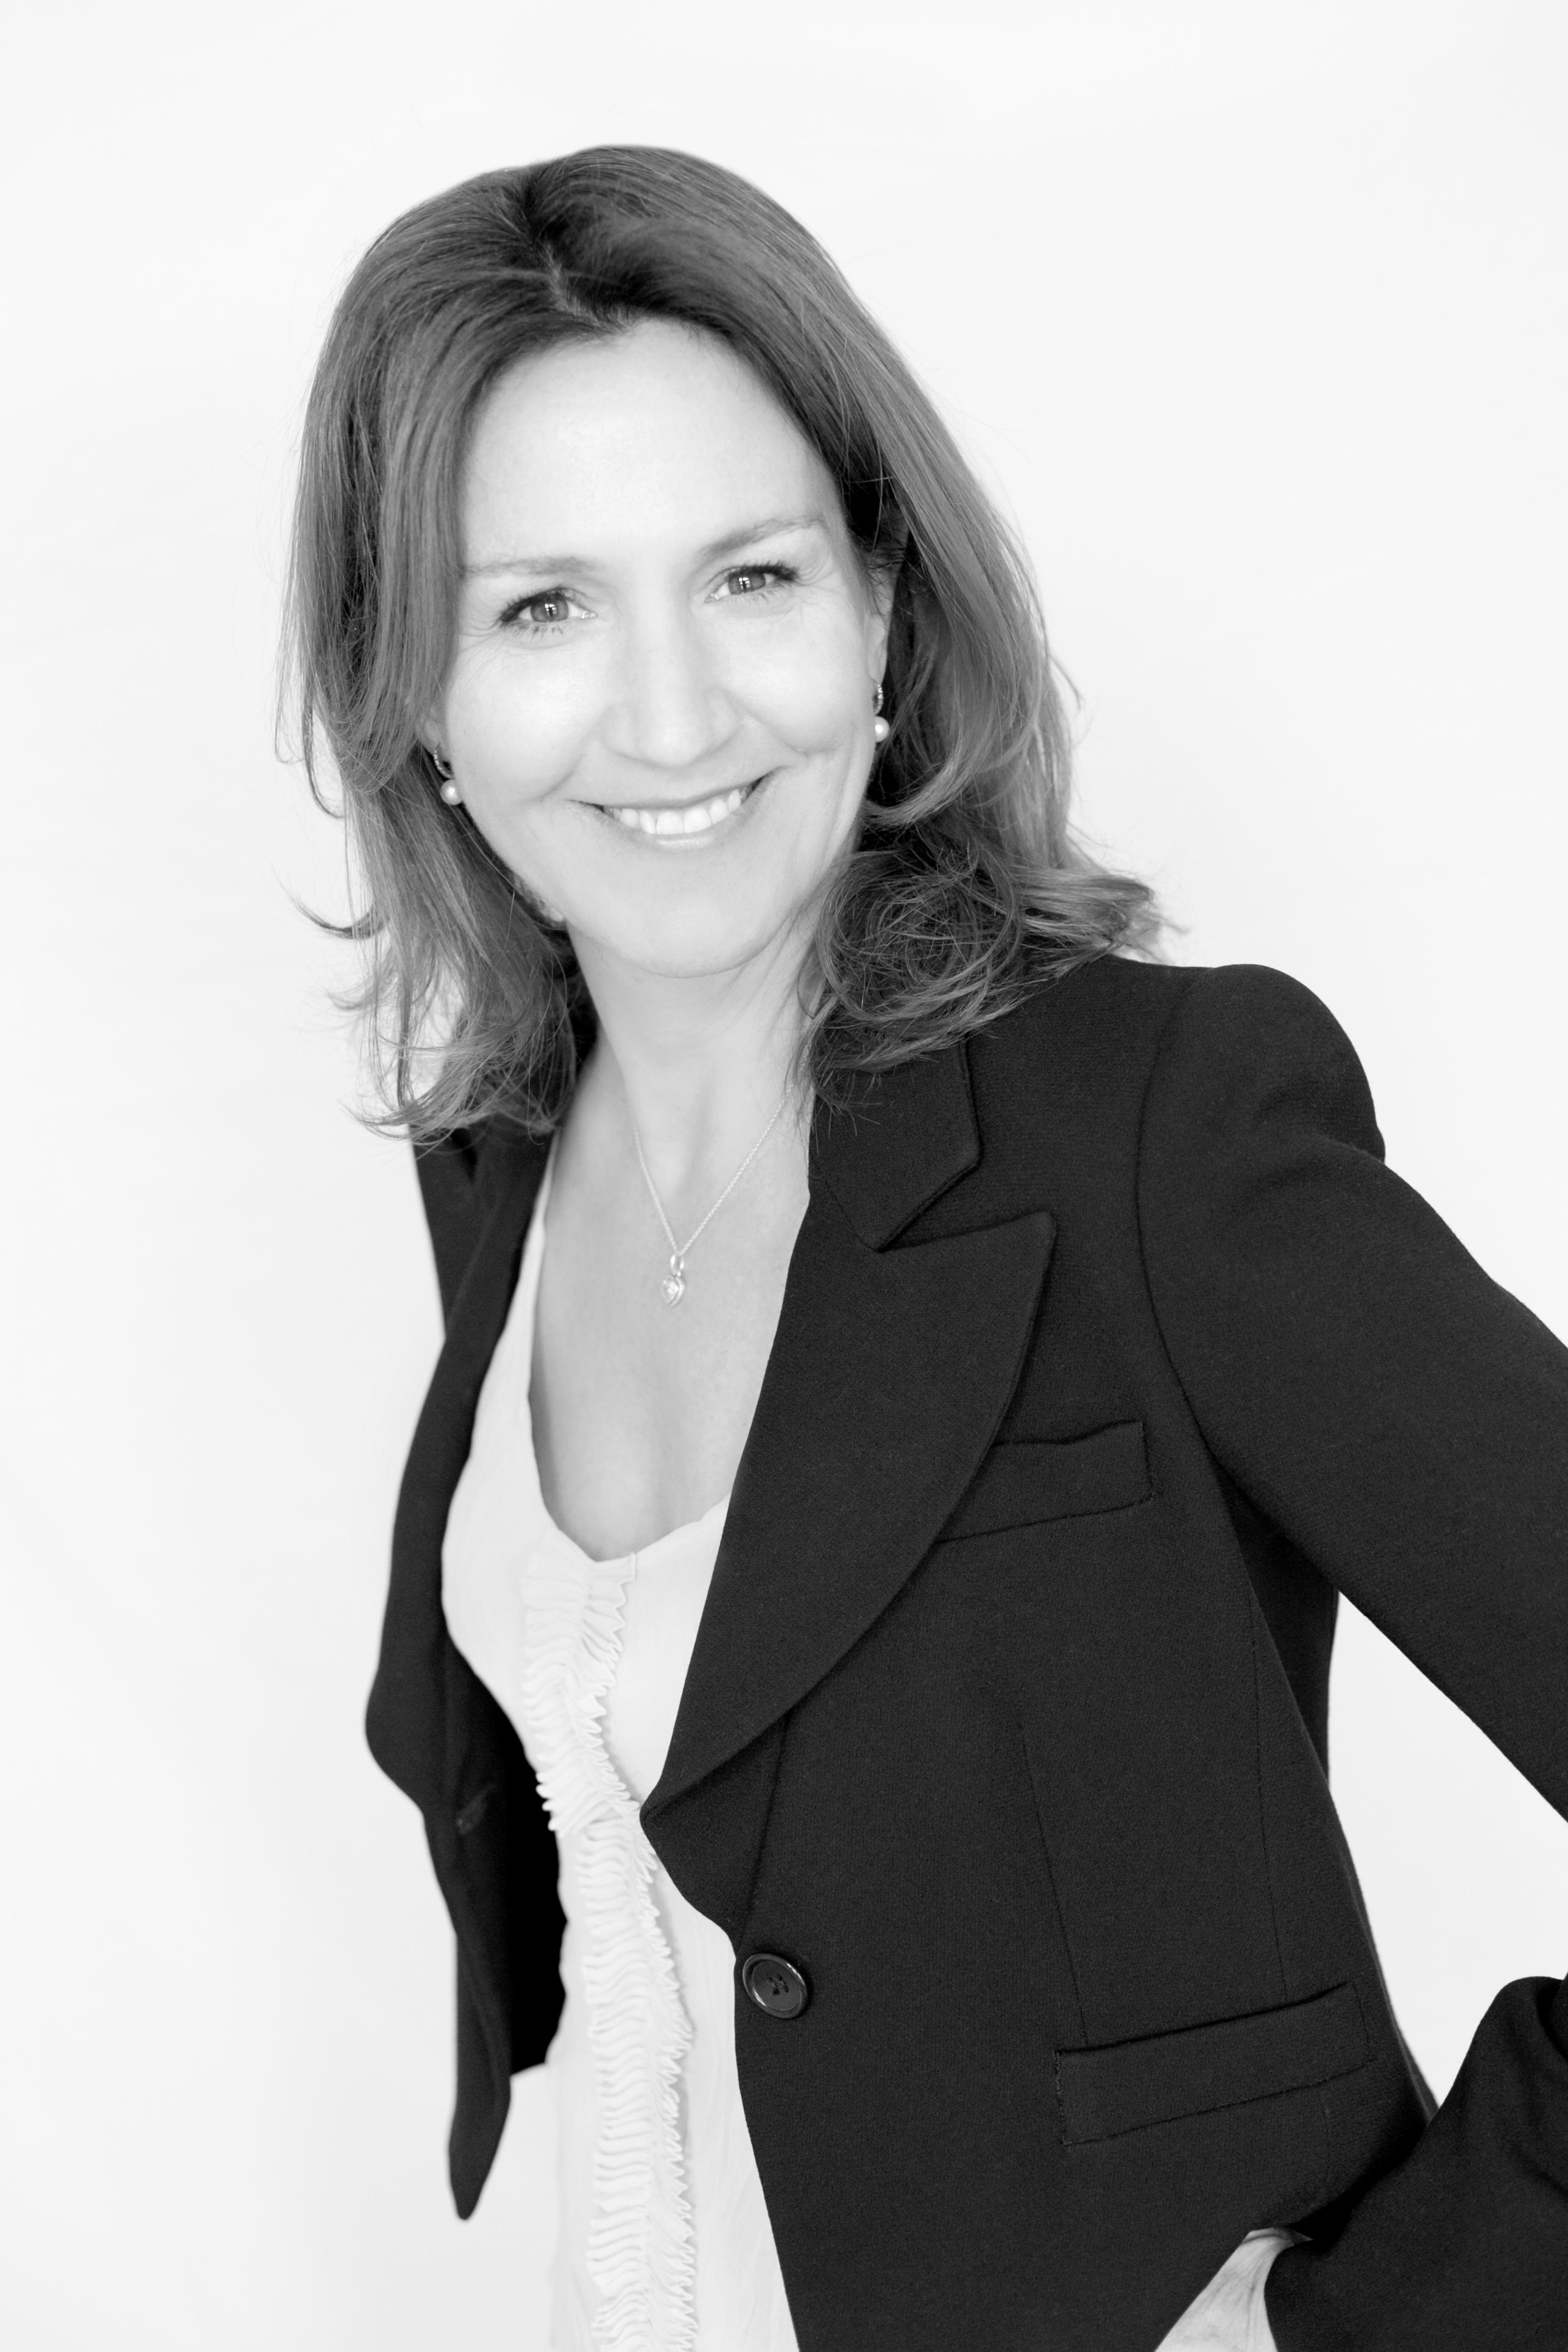 Barbara Baudinet